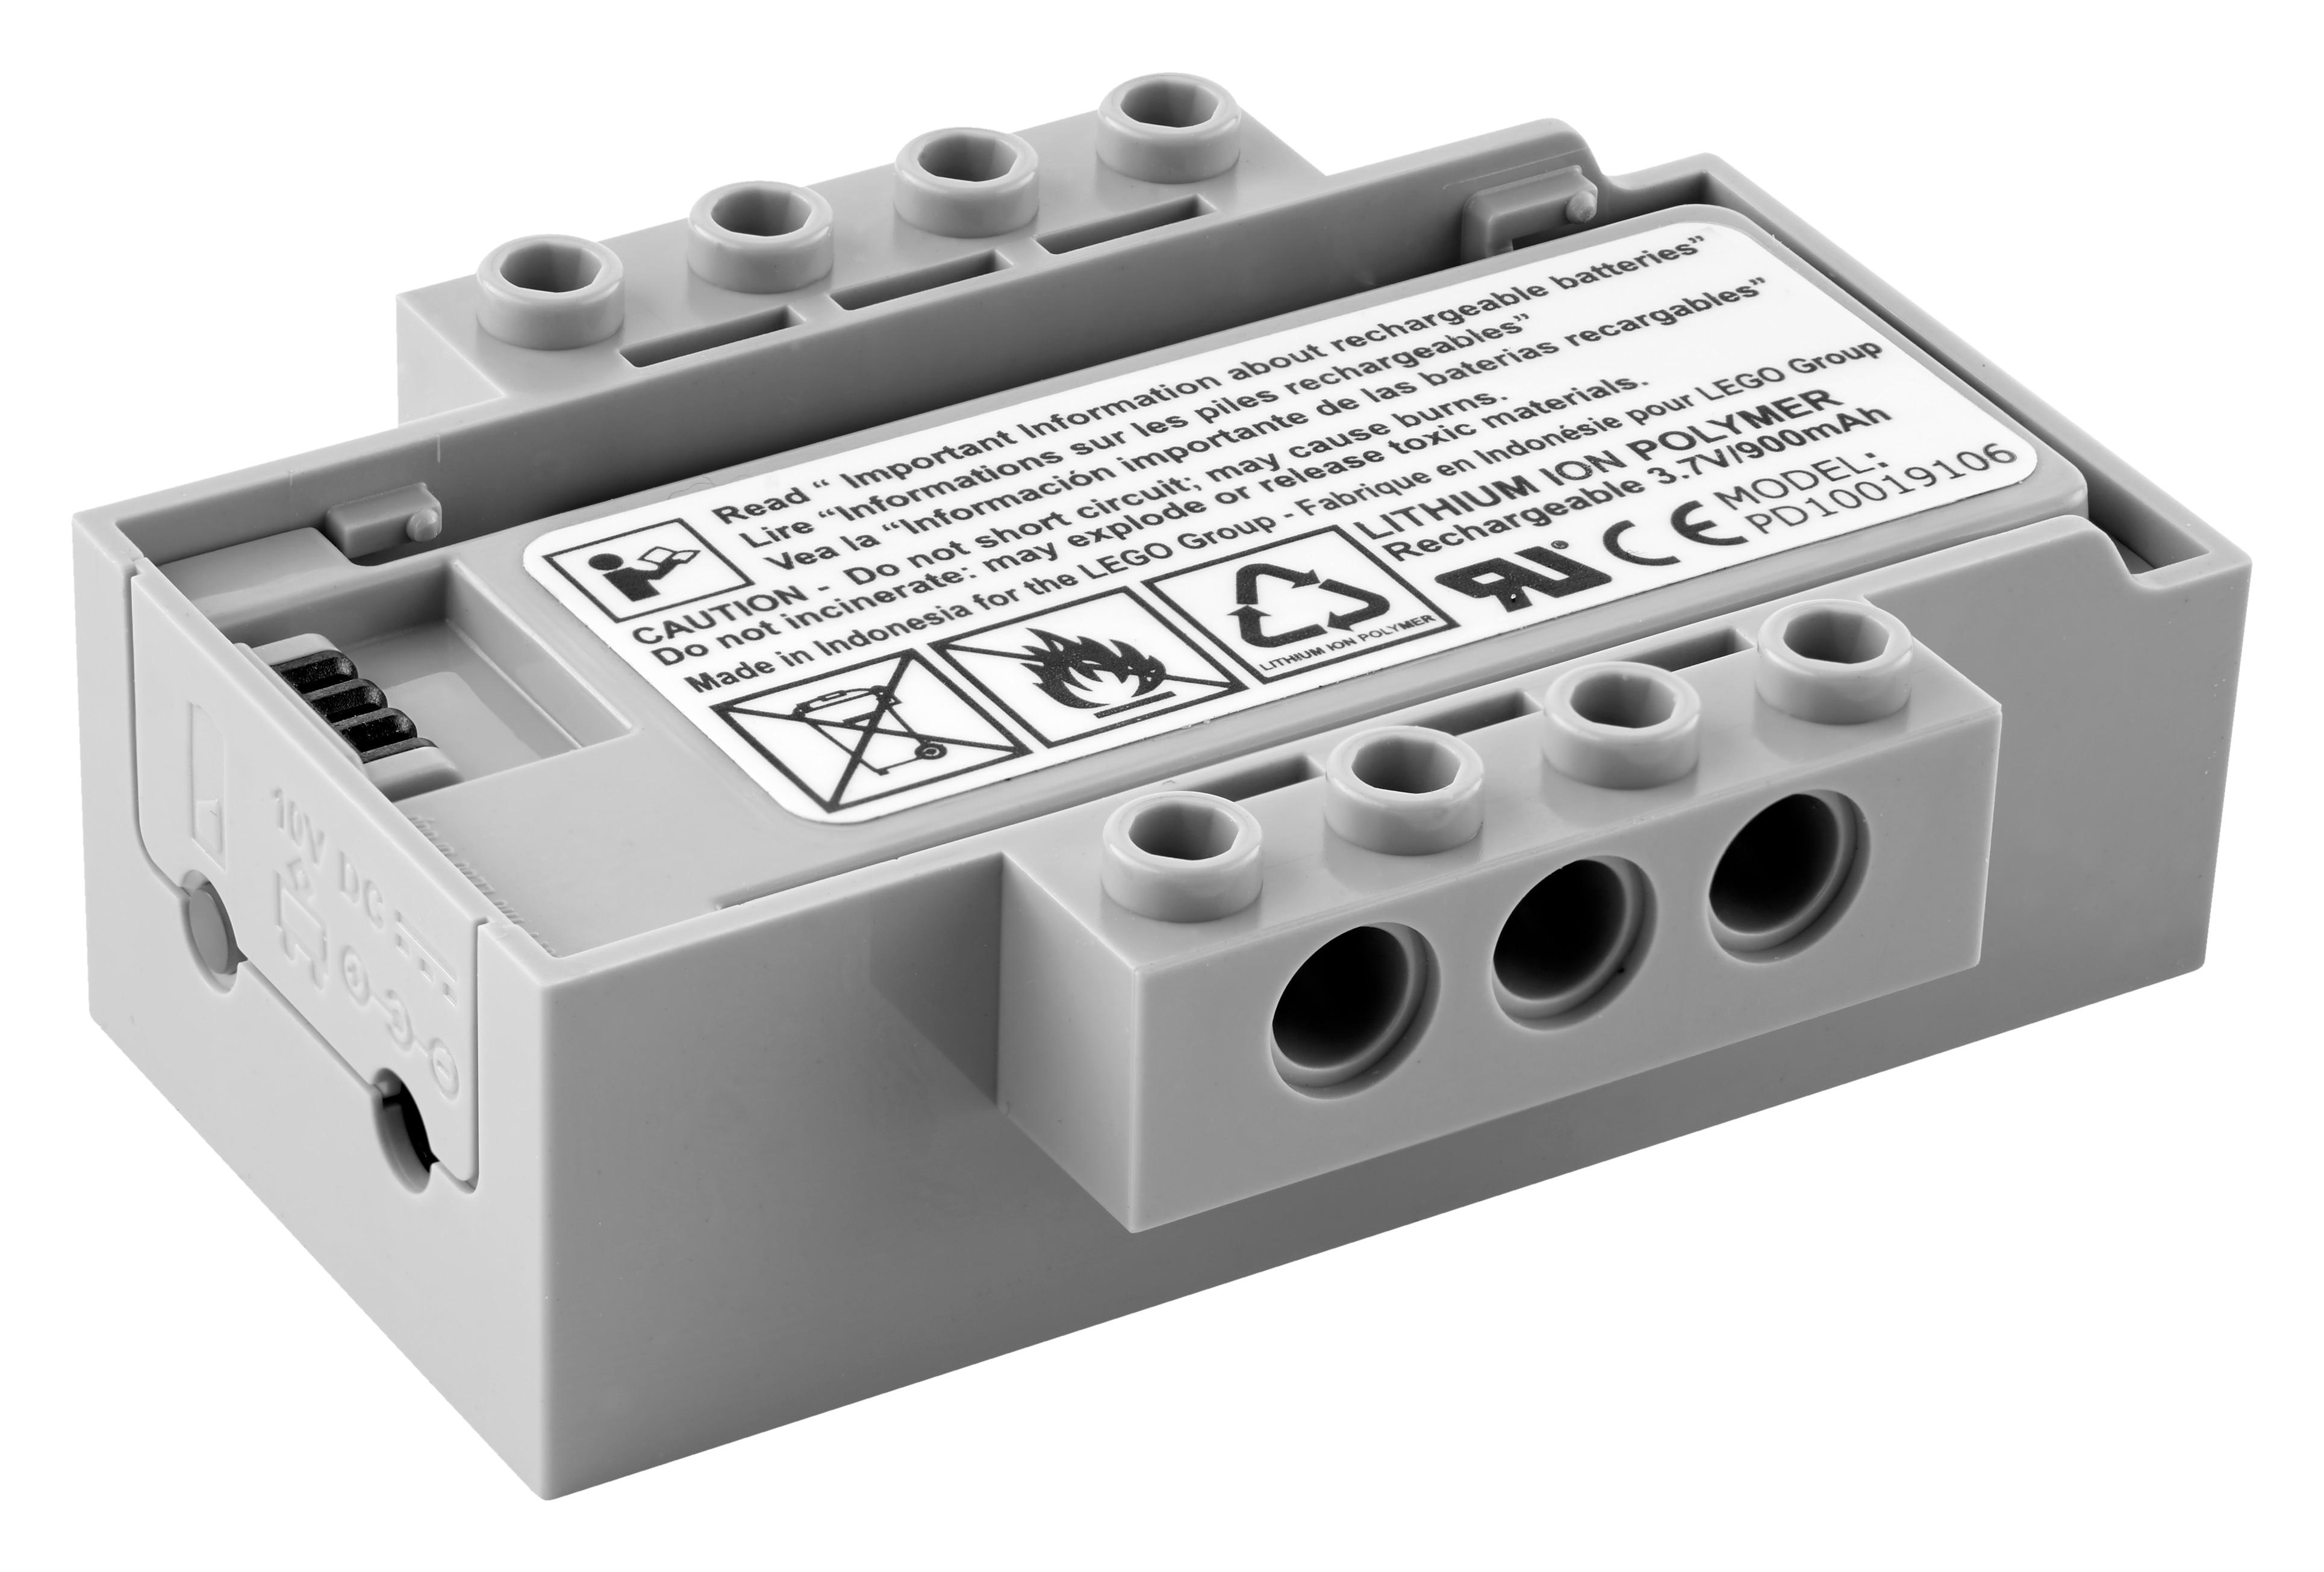 WeDo 2.0 Smart Hub Rechargeable Battery